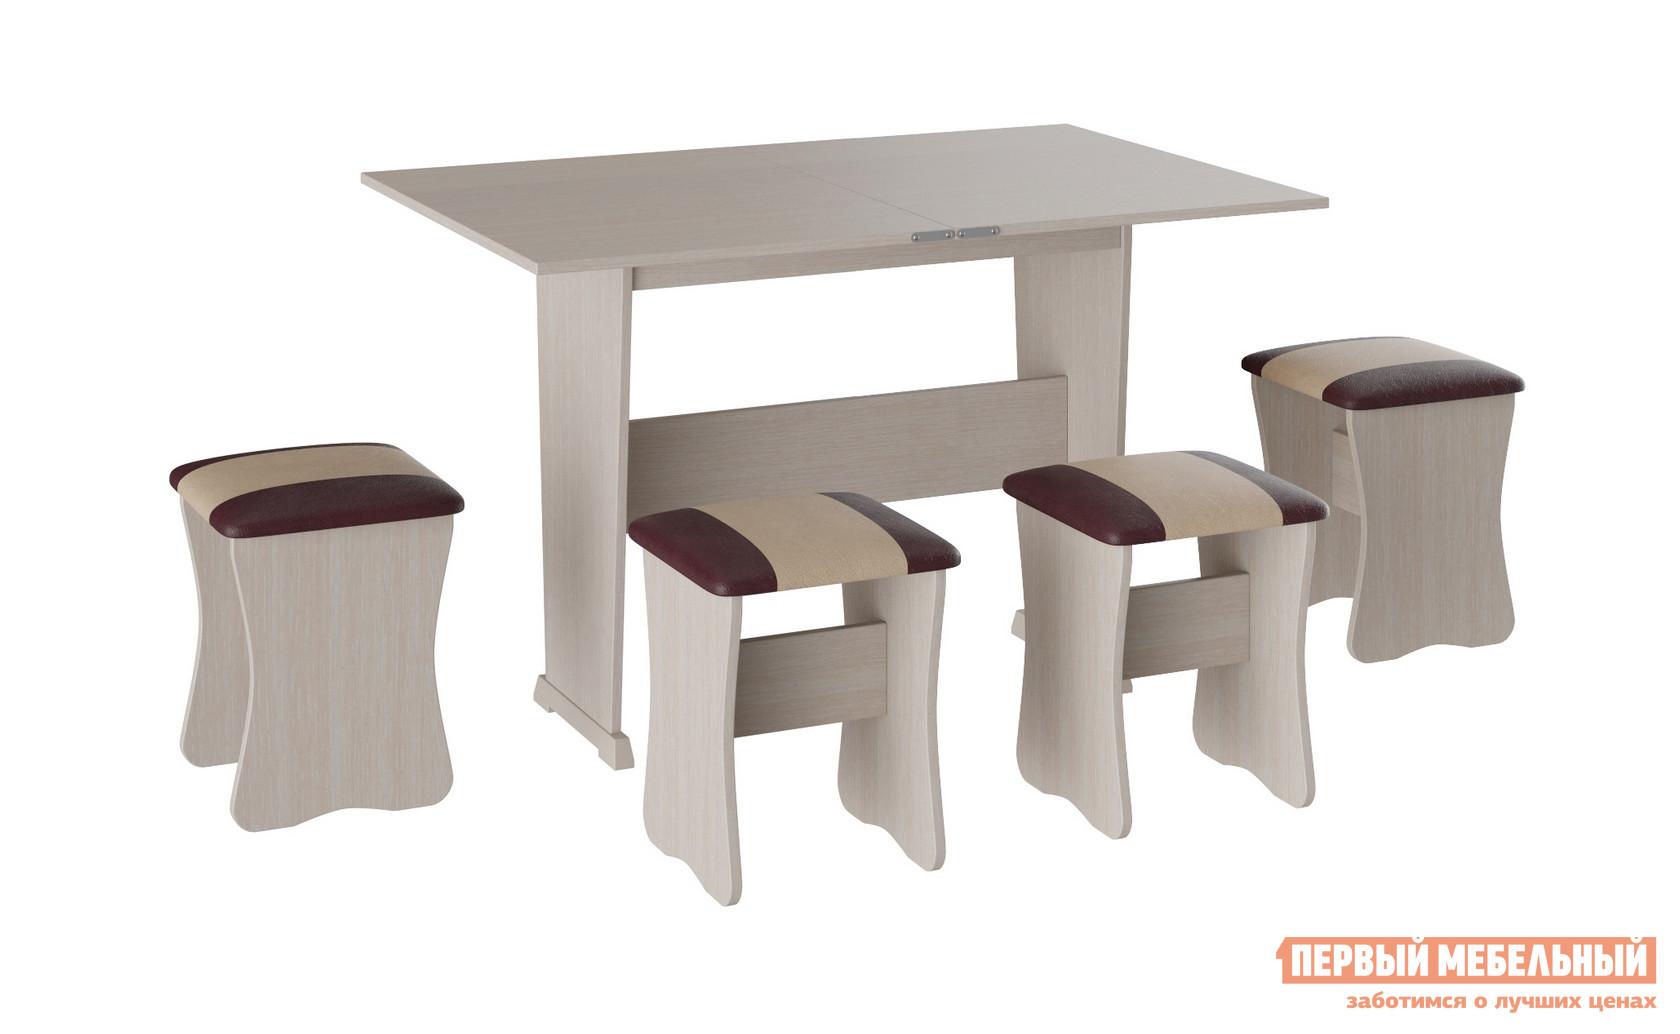 Обеденная группа для кухни Первый Мебельный Обеденная группа Рум 3 обеденная группа с круглым столом для кухни боровичи норония 4 диметра